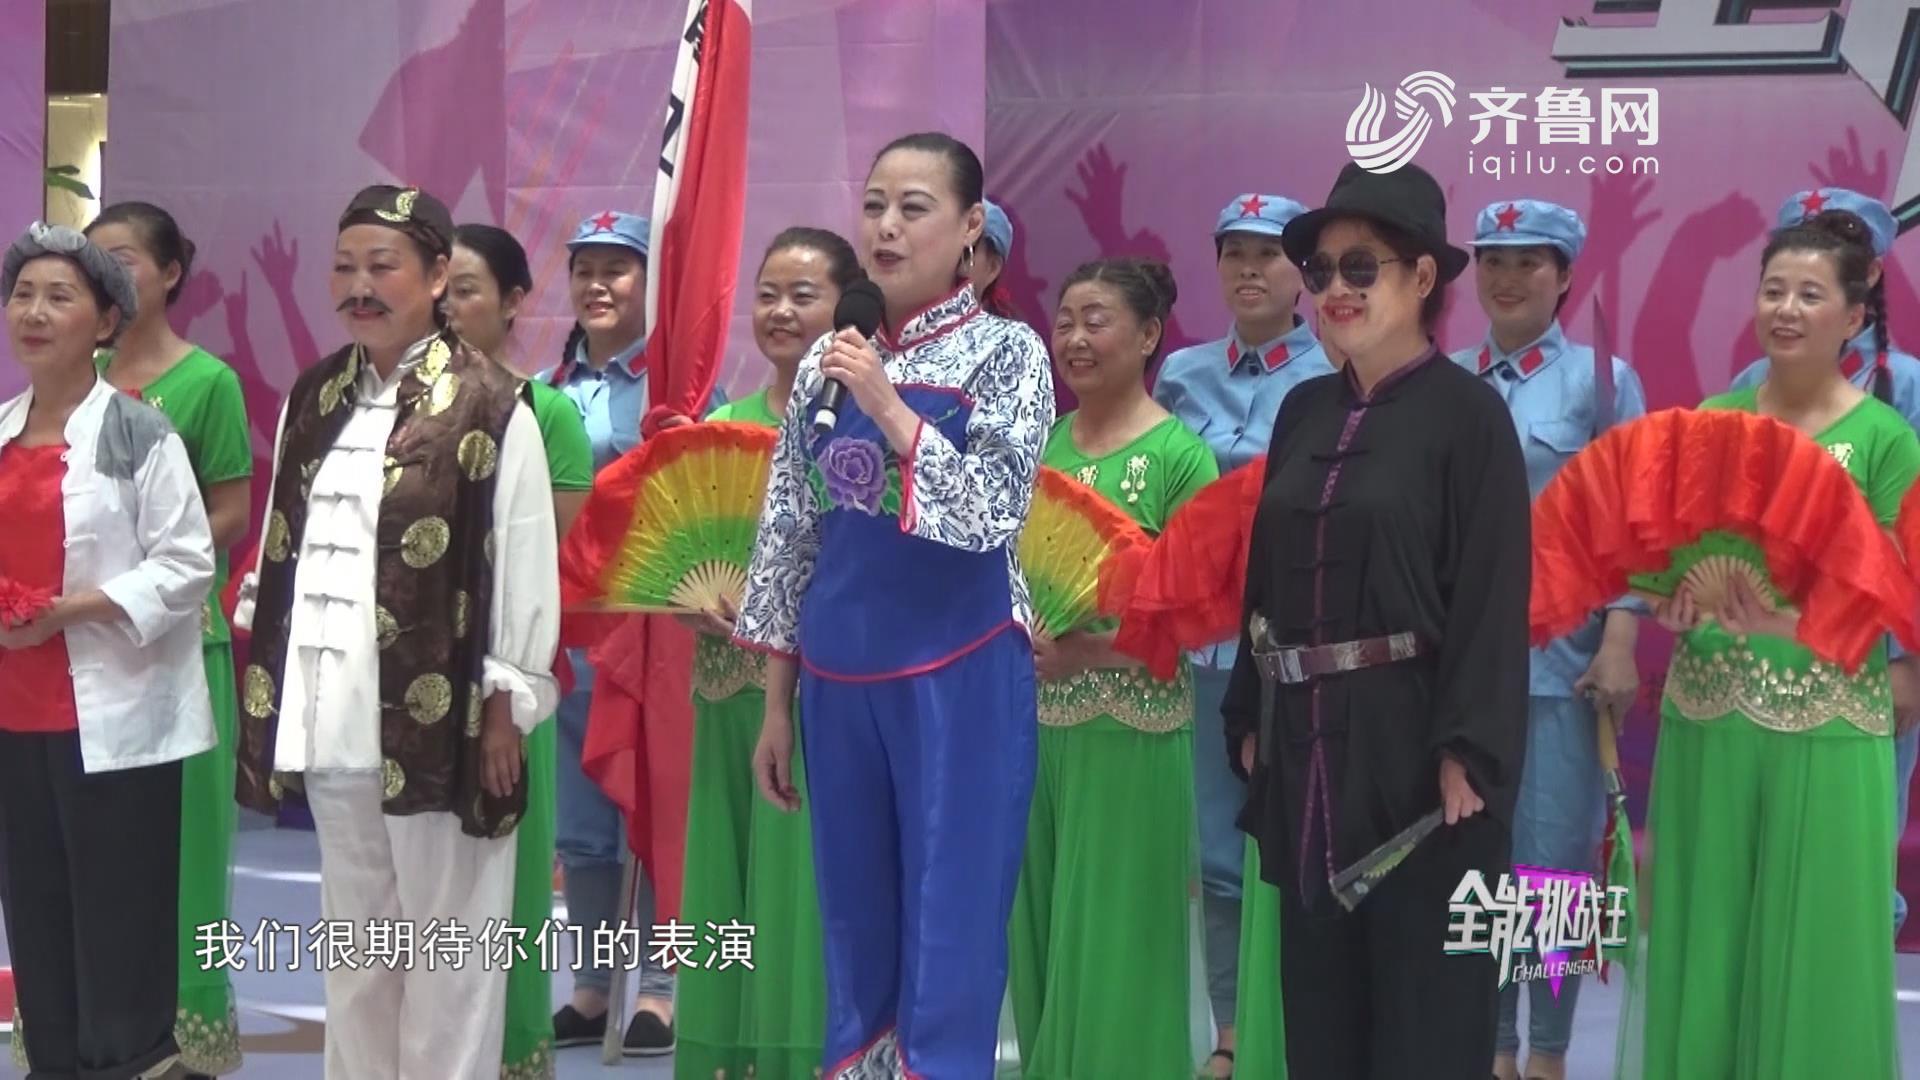 《万能挑衅王》菏泽鄄城红歌艺术团演出《映山红》